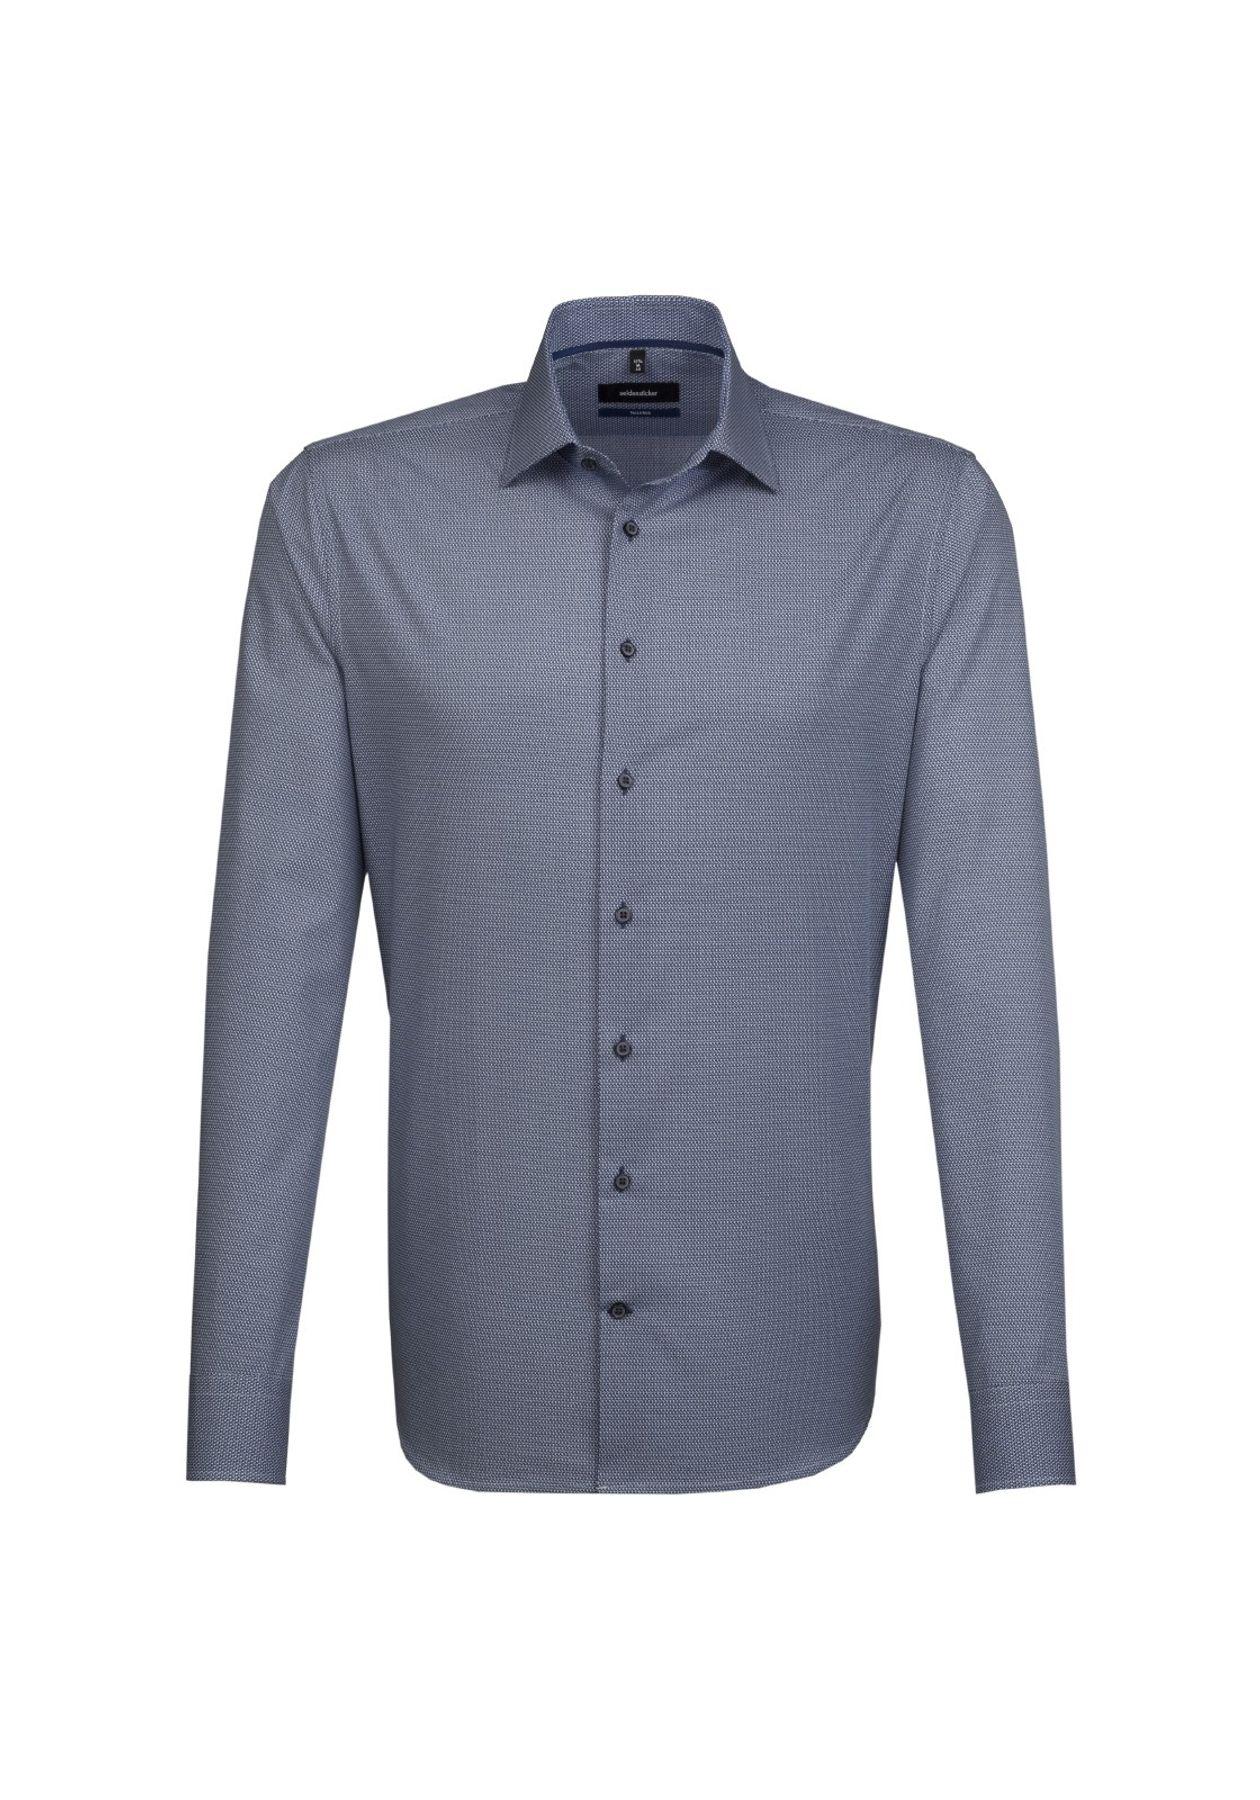 Seidensticker - Herren Hemd, Bügelleicht, Tailored, Schwarze Rose mit Kent Kragen in Blau (01.246240) – Bild 1